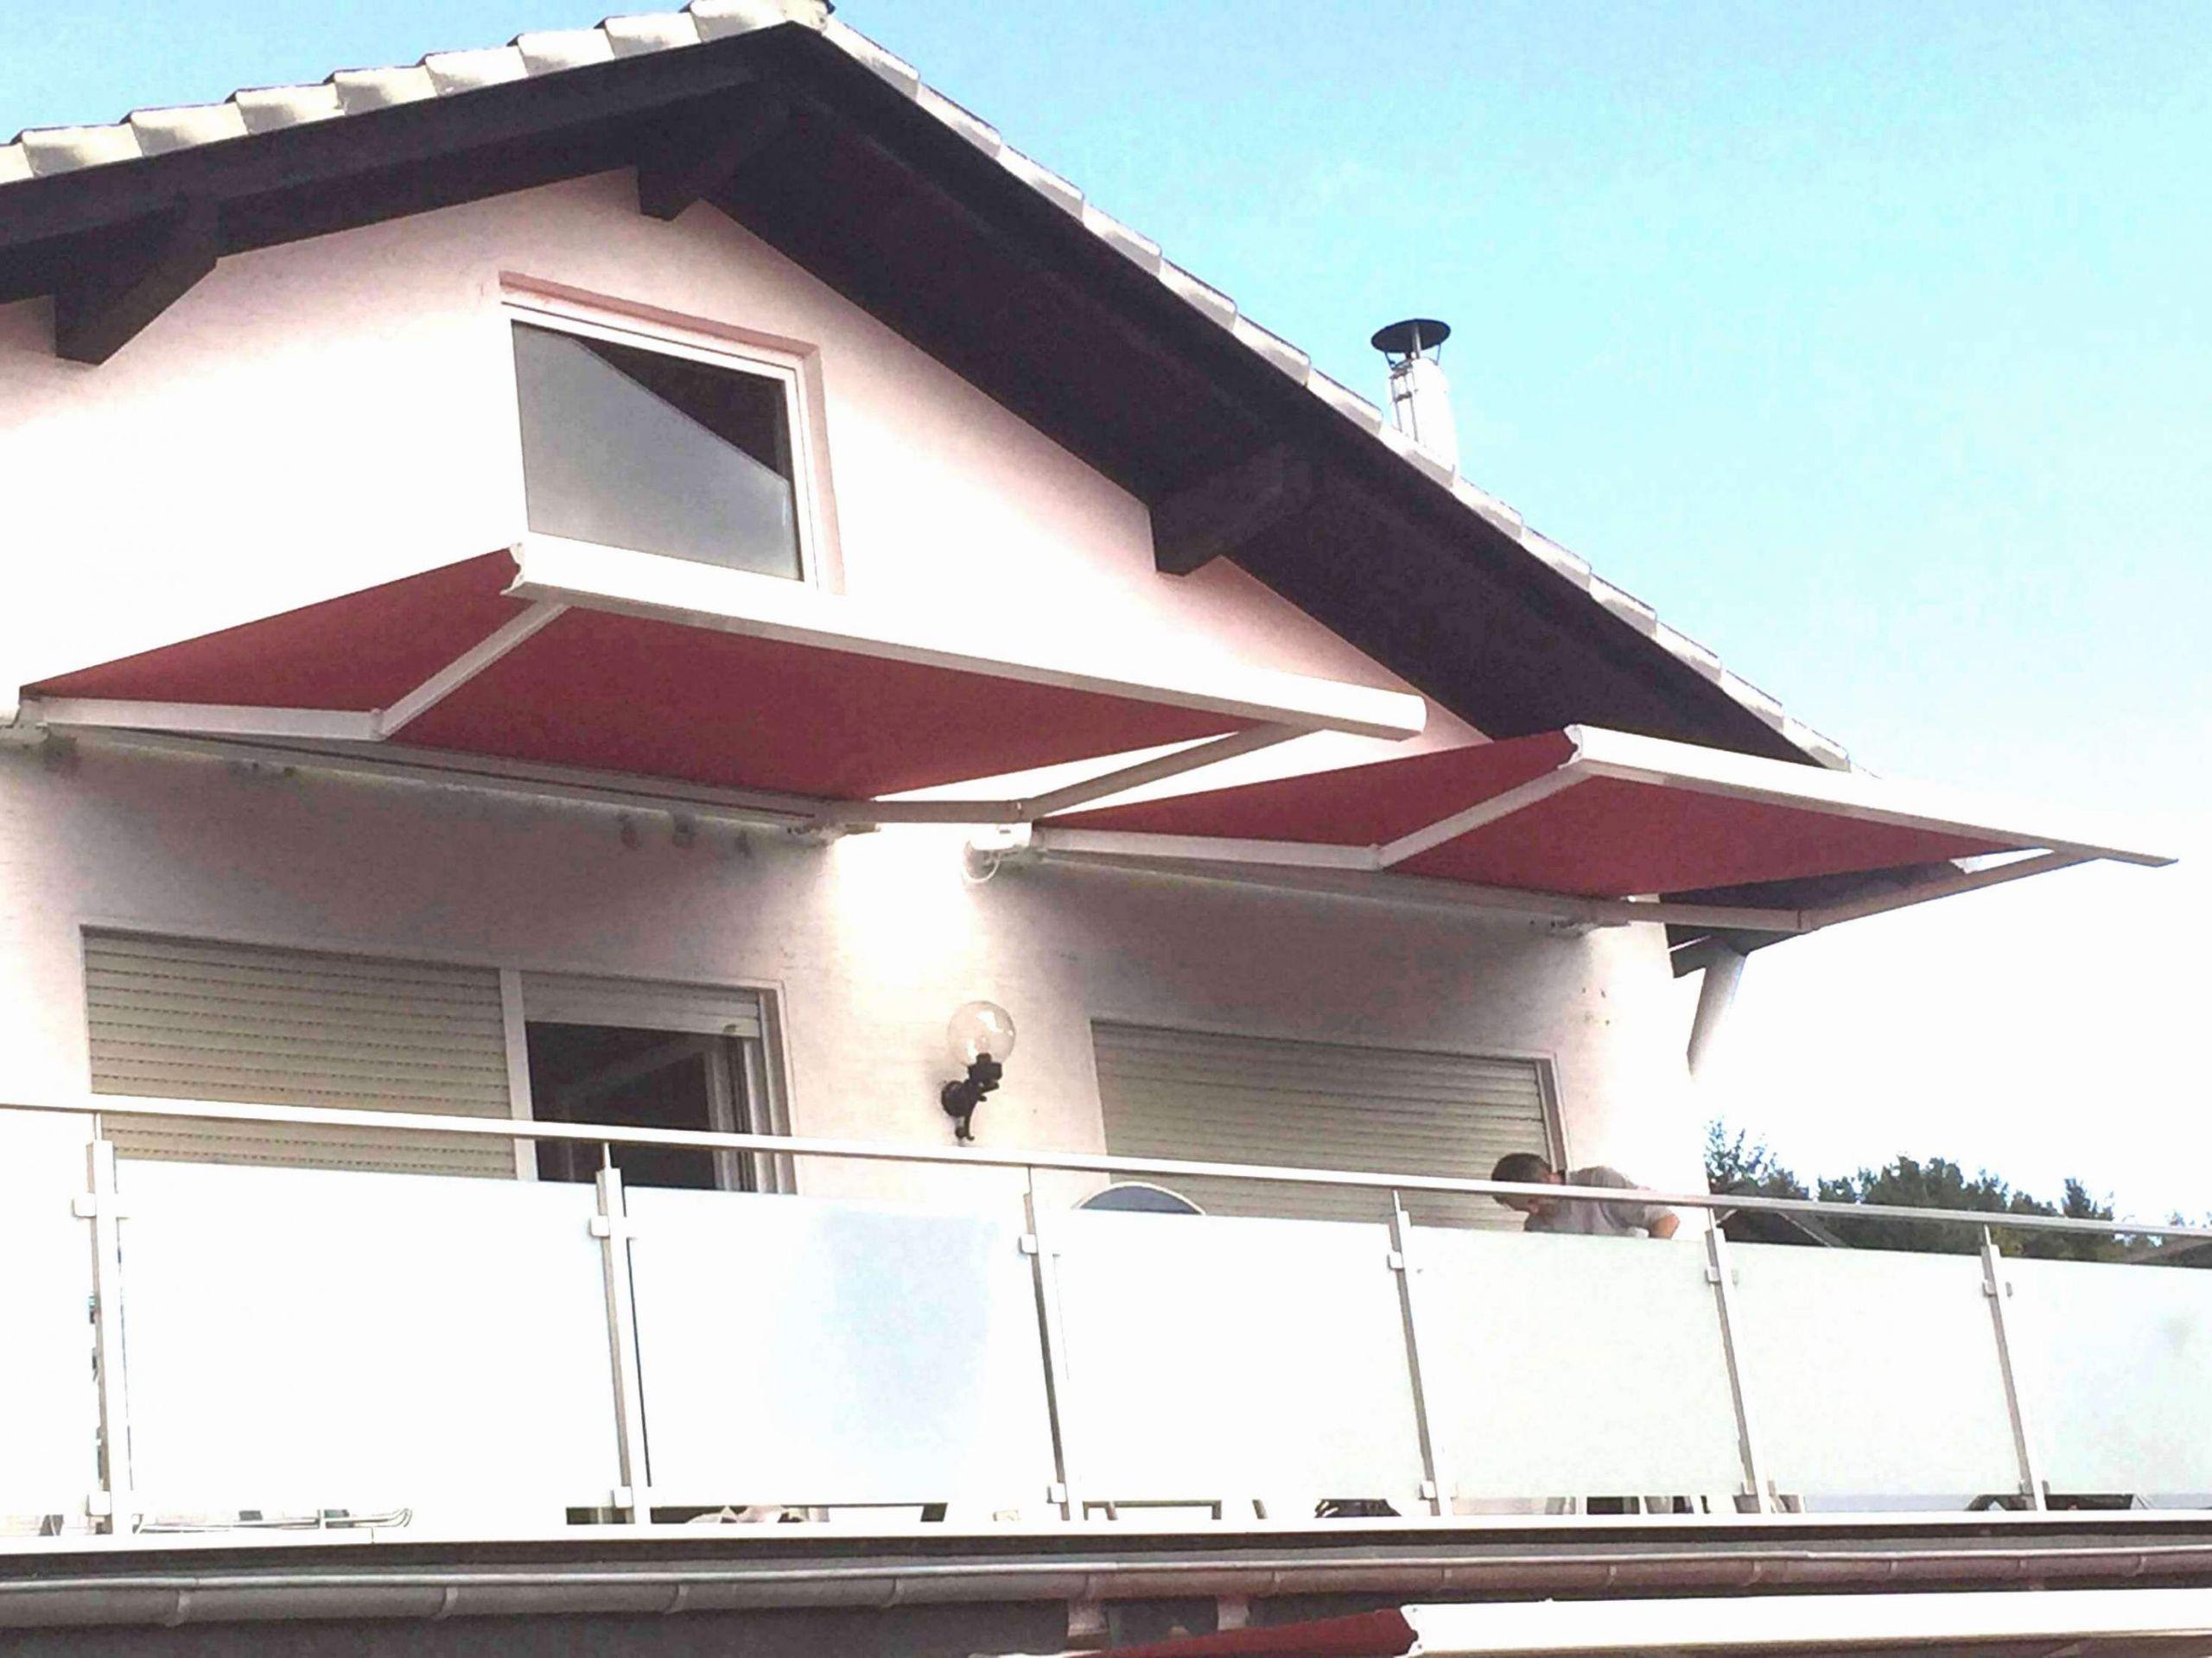 garten dach schon garten dach frisch terrassen dach schon balkon reinigen beton balkon reinigen beton